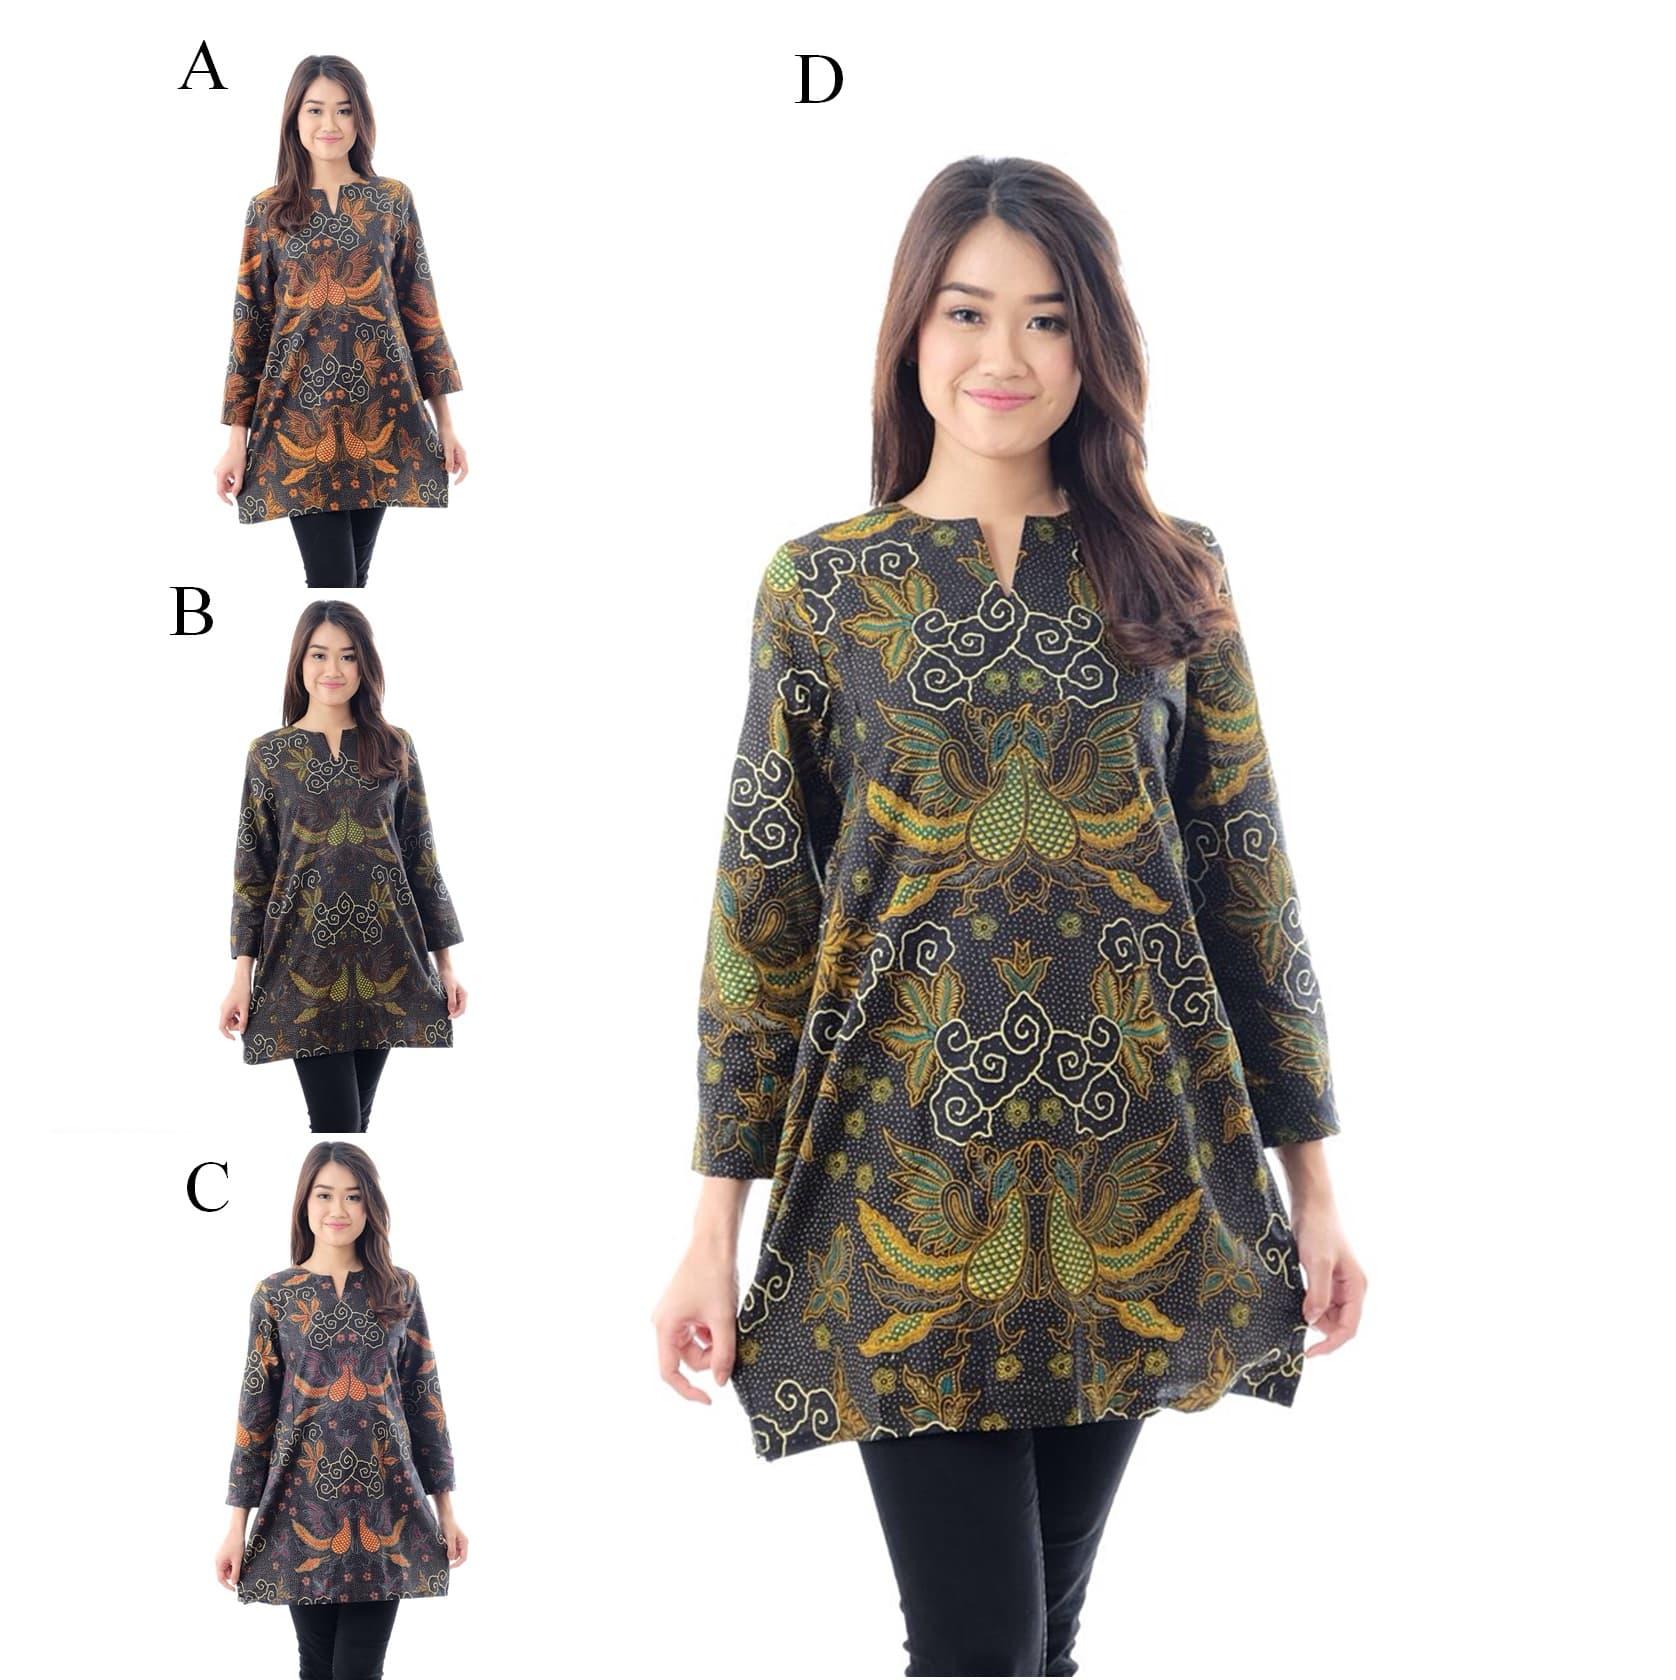 Katalog AAK345 Blus Batik Kerja Bahan Katun Atasan Baju Wanita Murah ... 454ad67efa